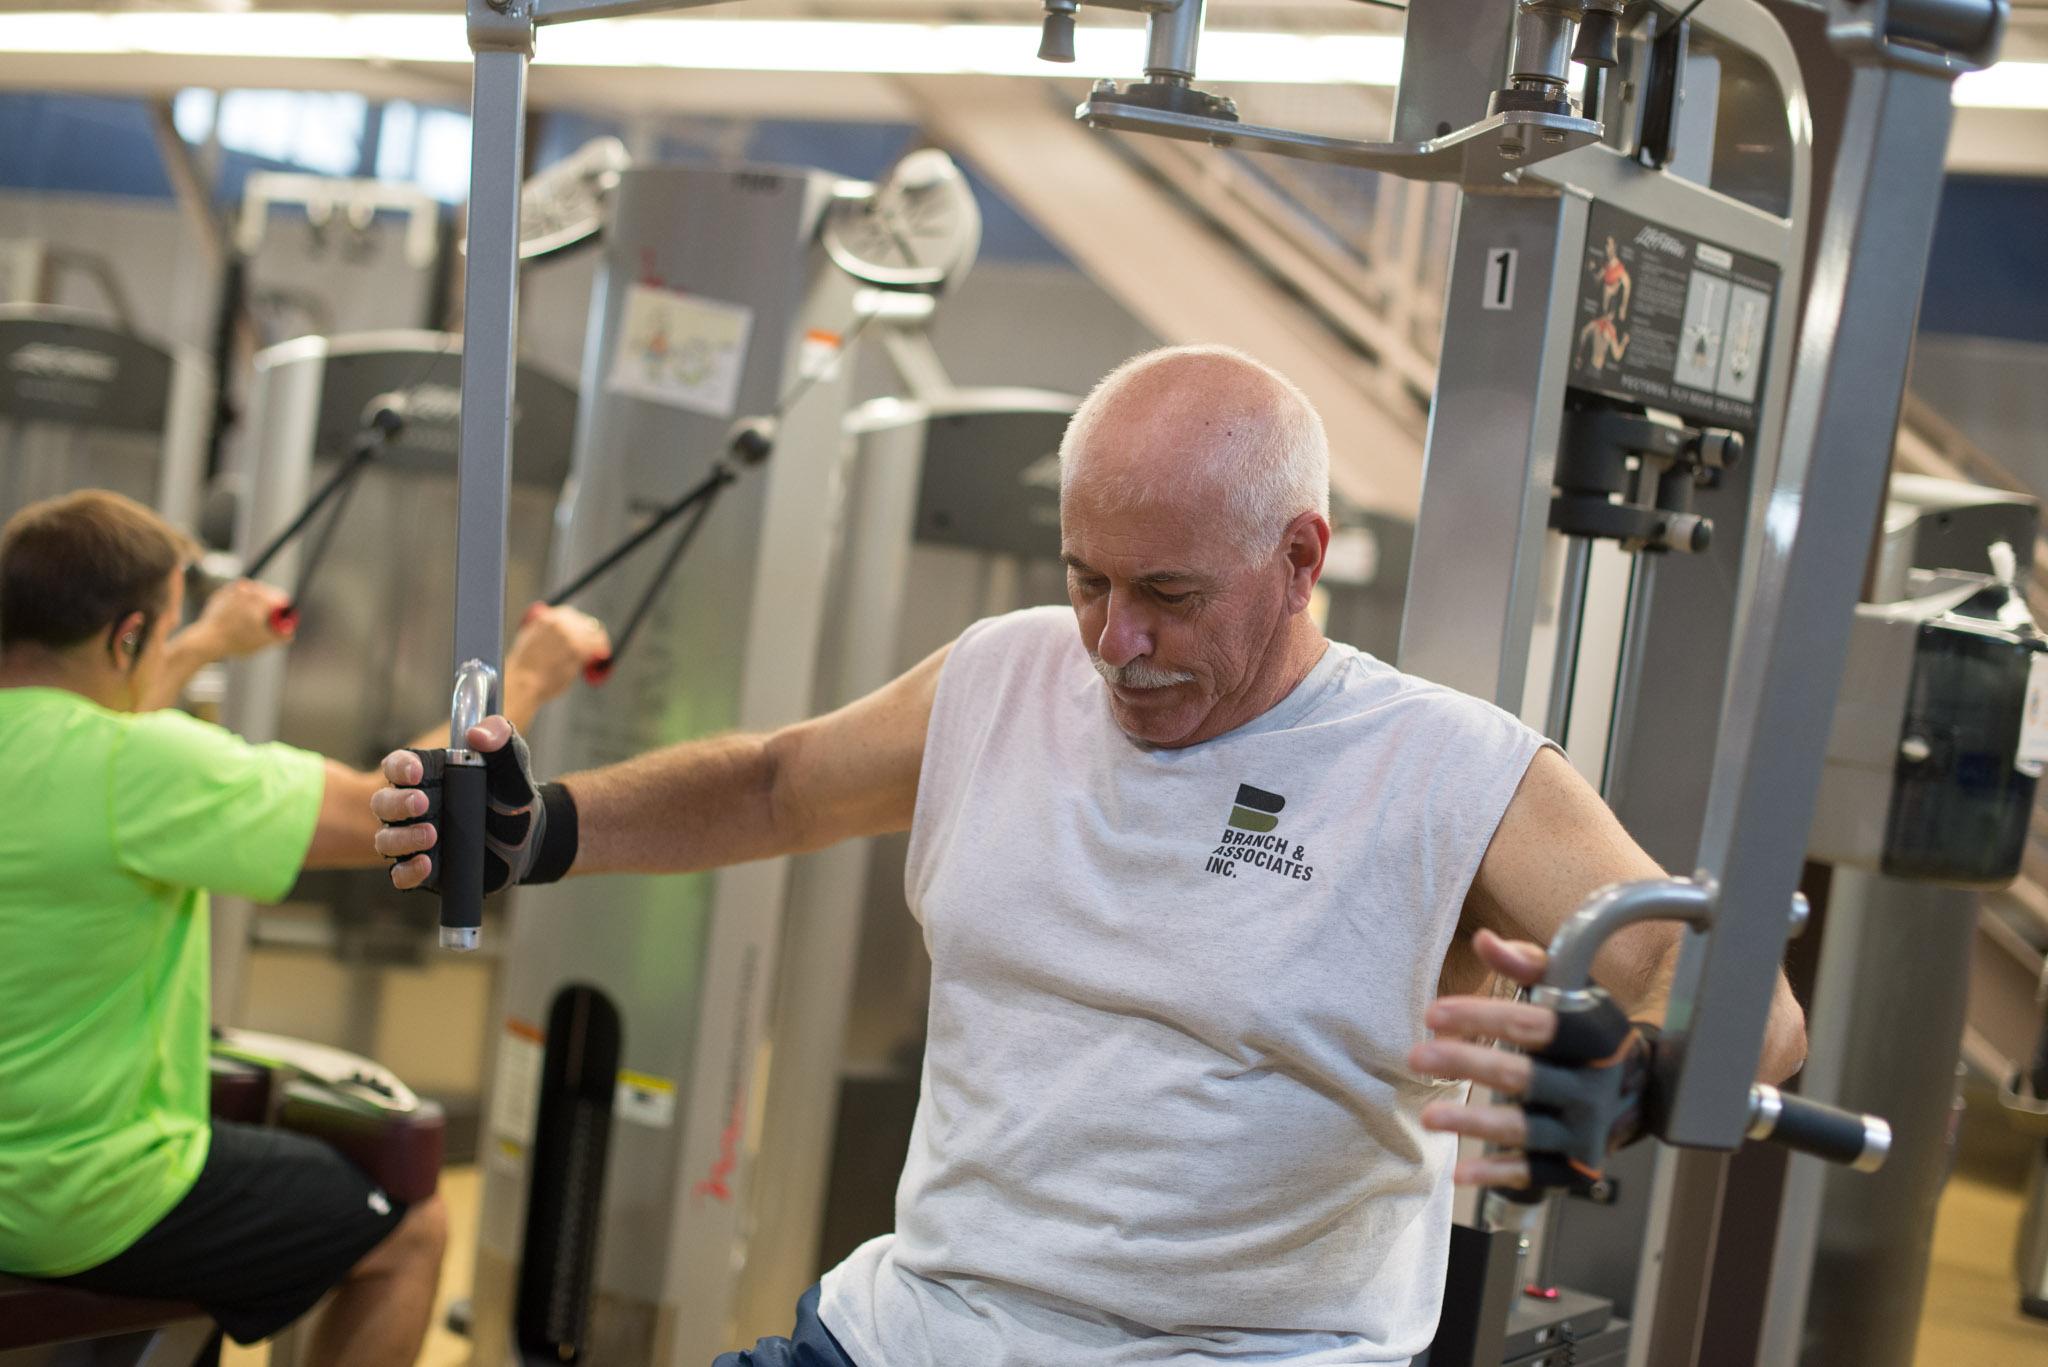 Wellness Center Stock Photos-1244.jpg